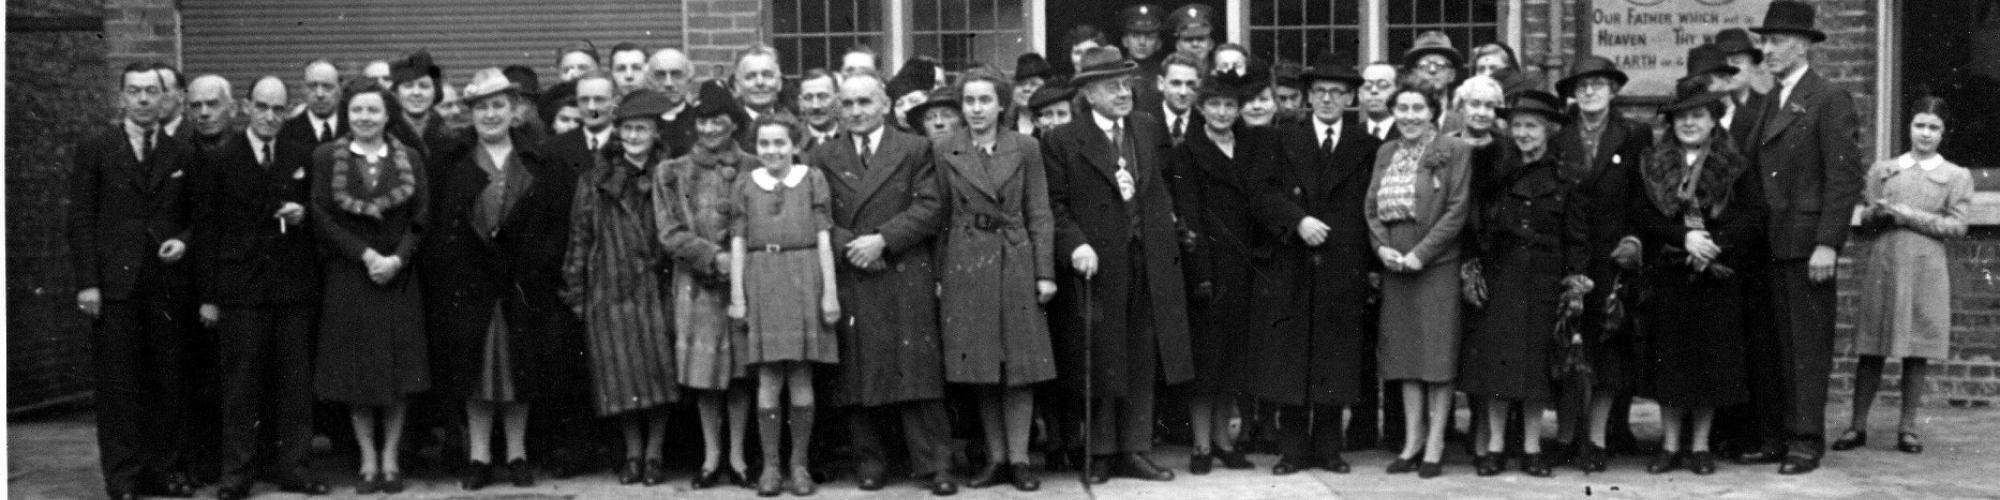 Réfugiés belges en Grande-Bretagne, Wimbledon, 2/1/1943 © CegeSoma/Archives de l'Etat